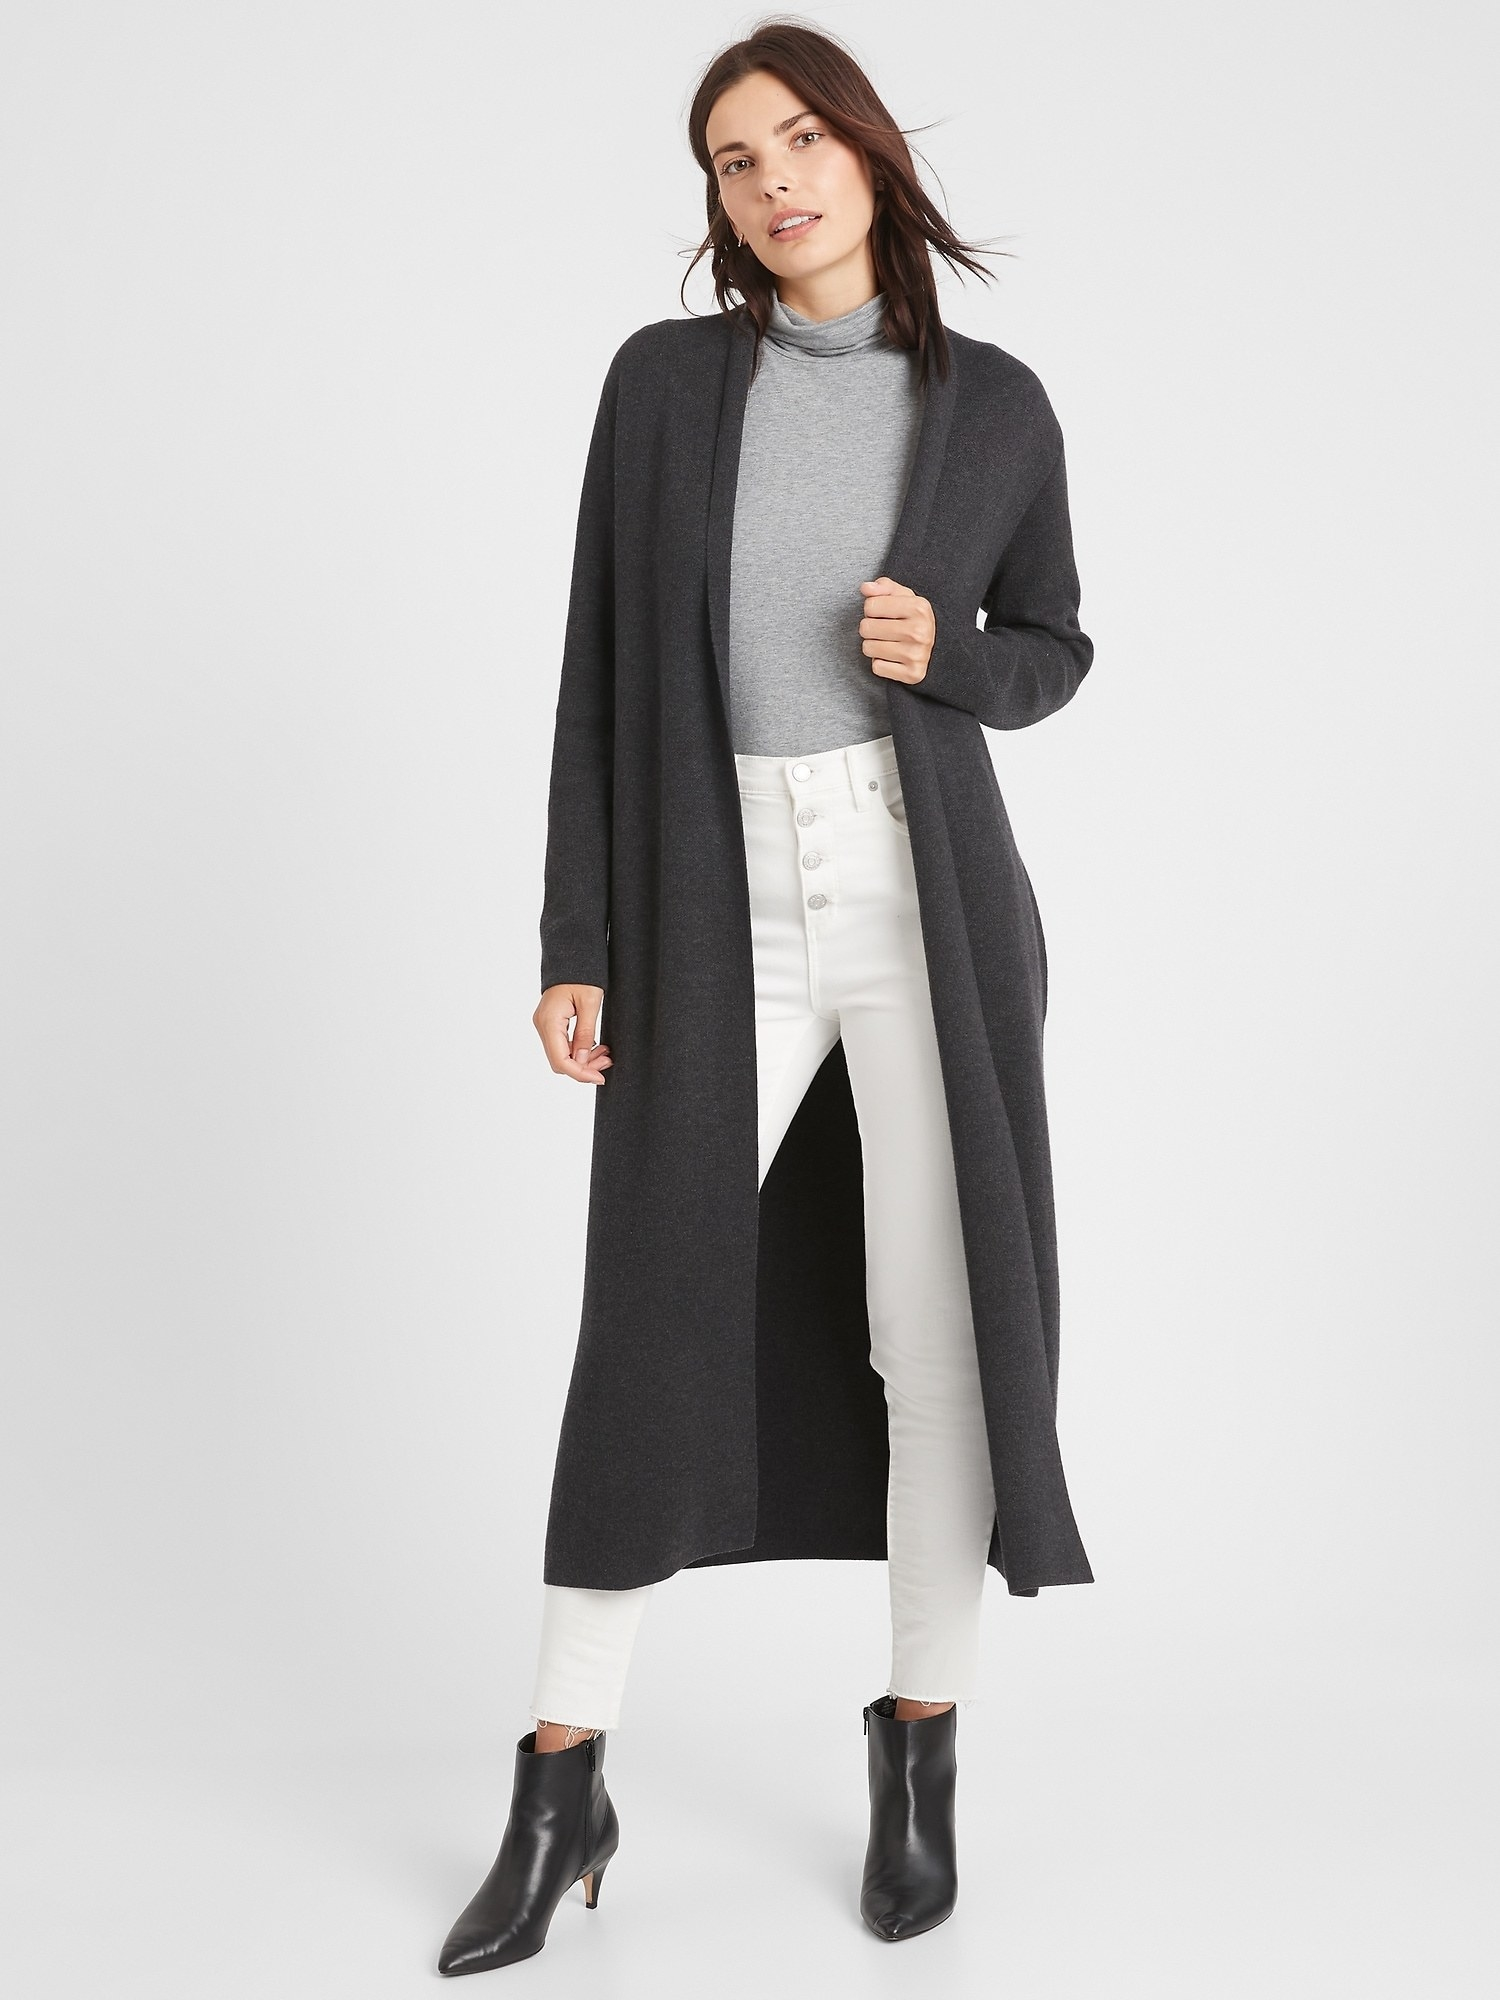 Model in the midi-length grey coat